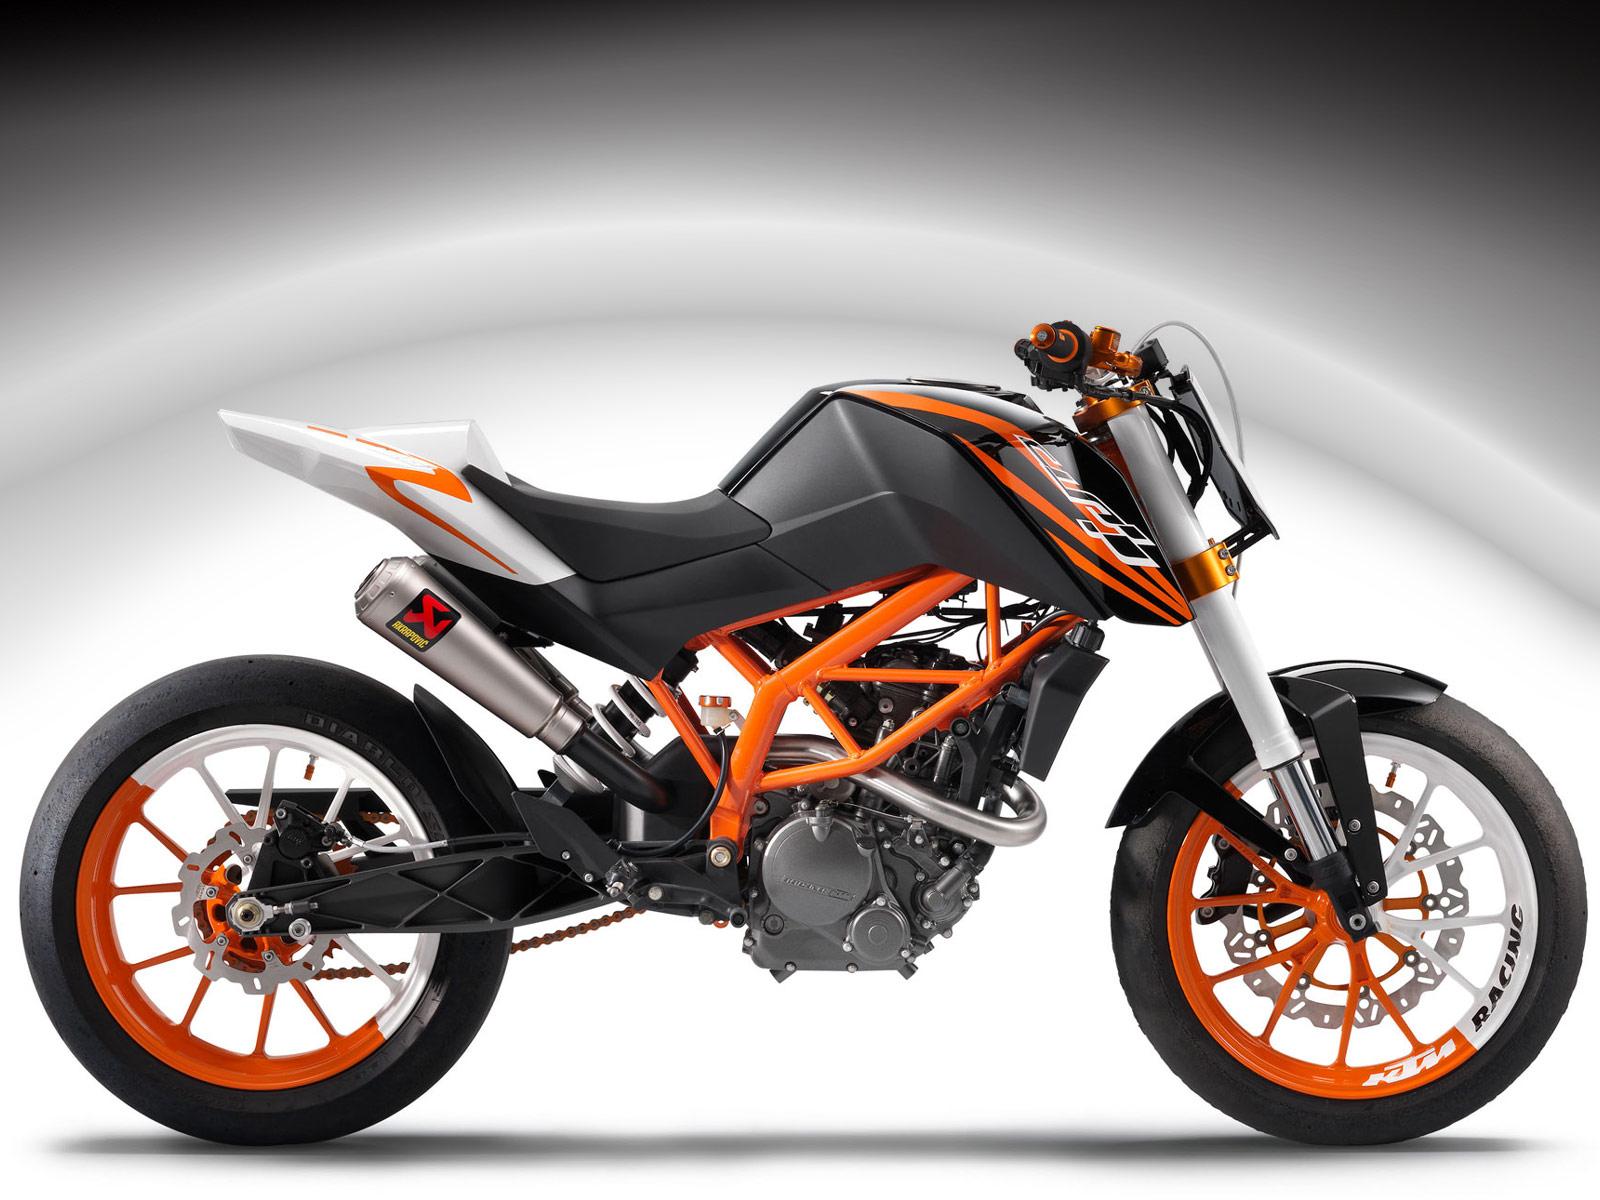 Motorcycle insurance 2010 KTM 125 Race wallpaper 1600x1200